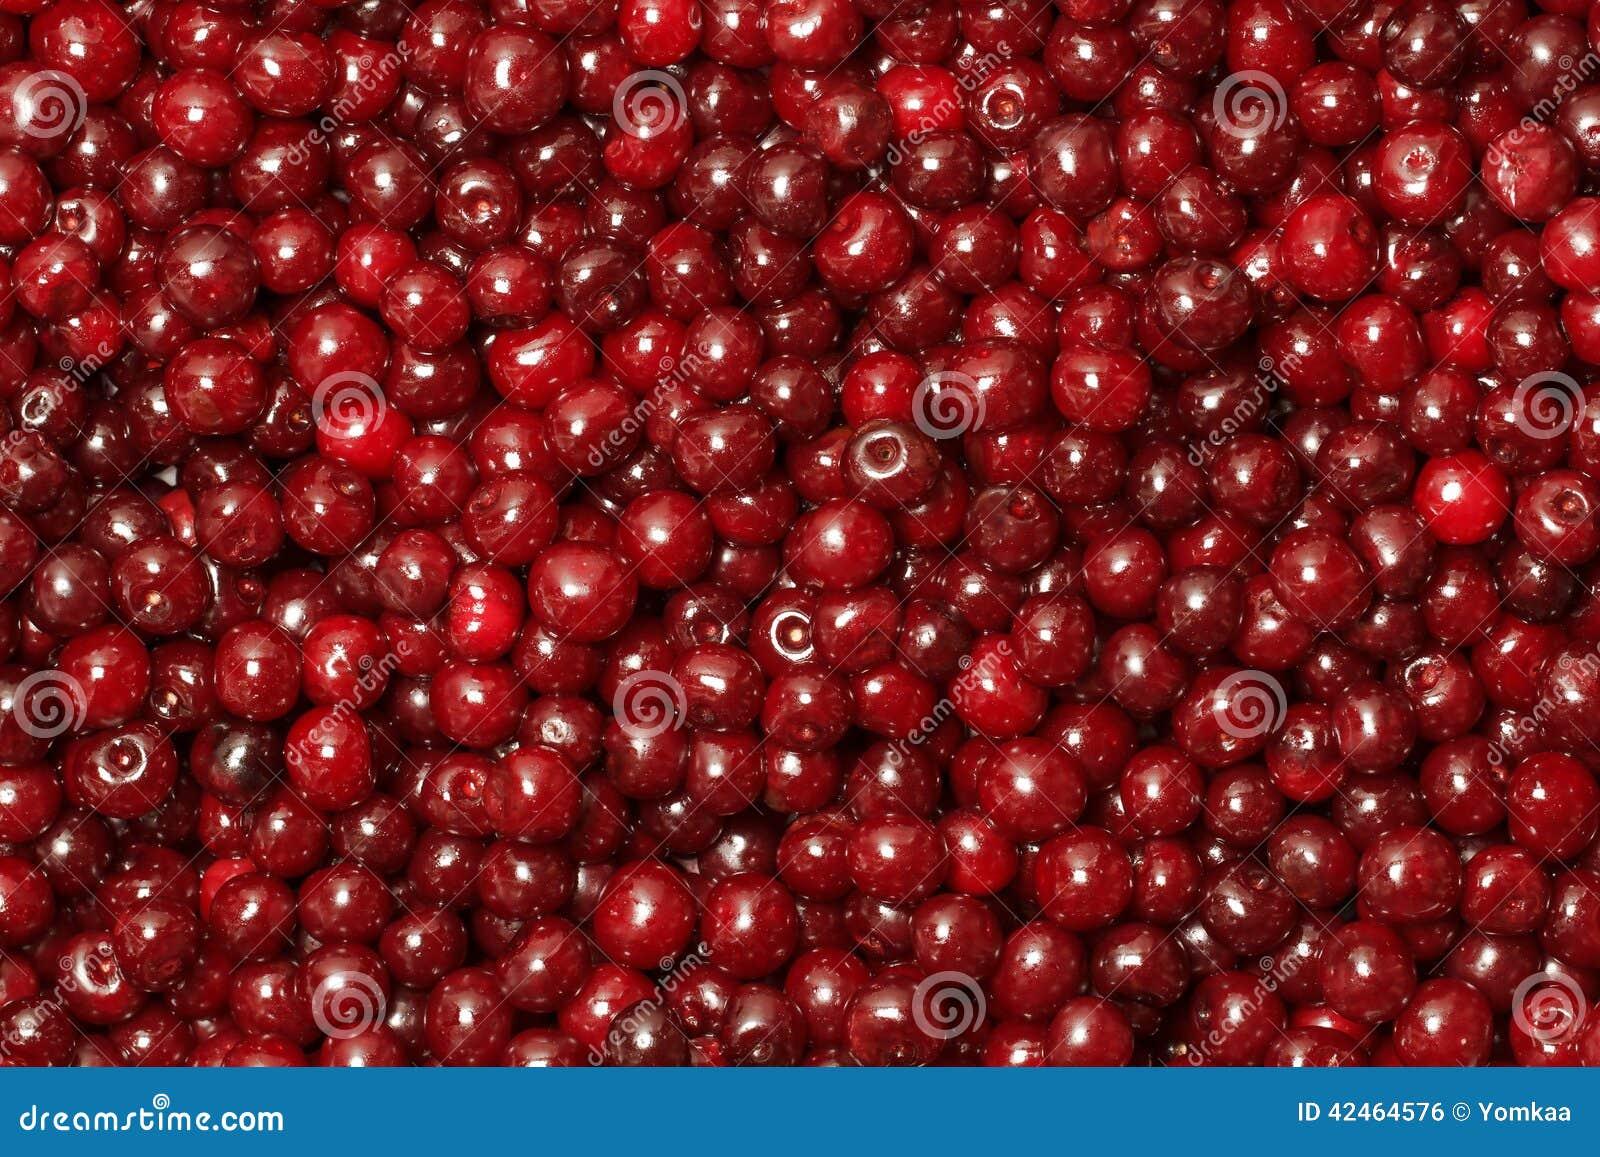 Hintergrund von einer roten Kirsche